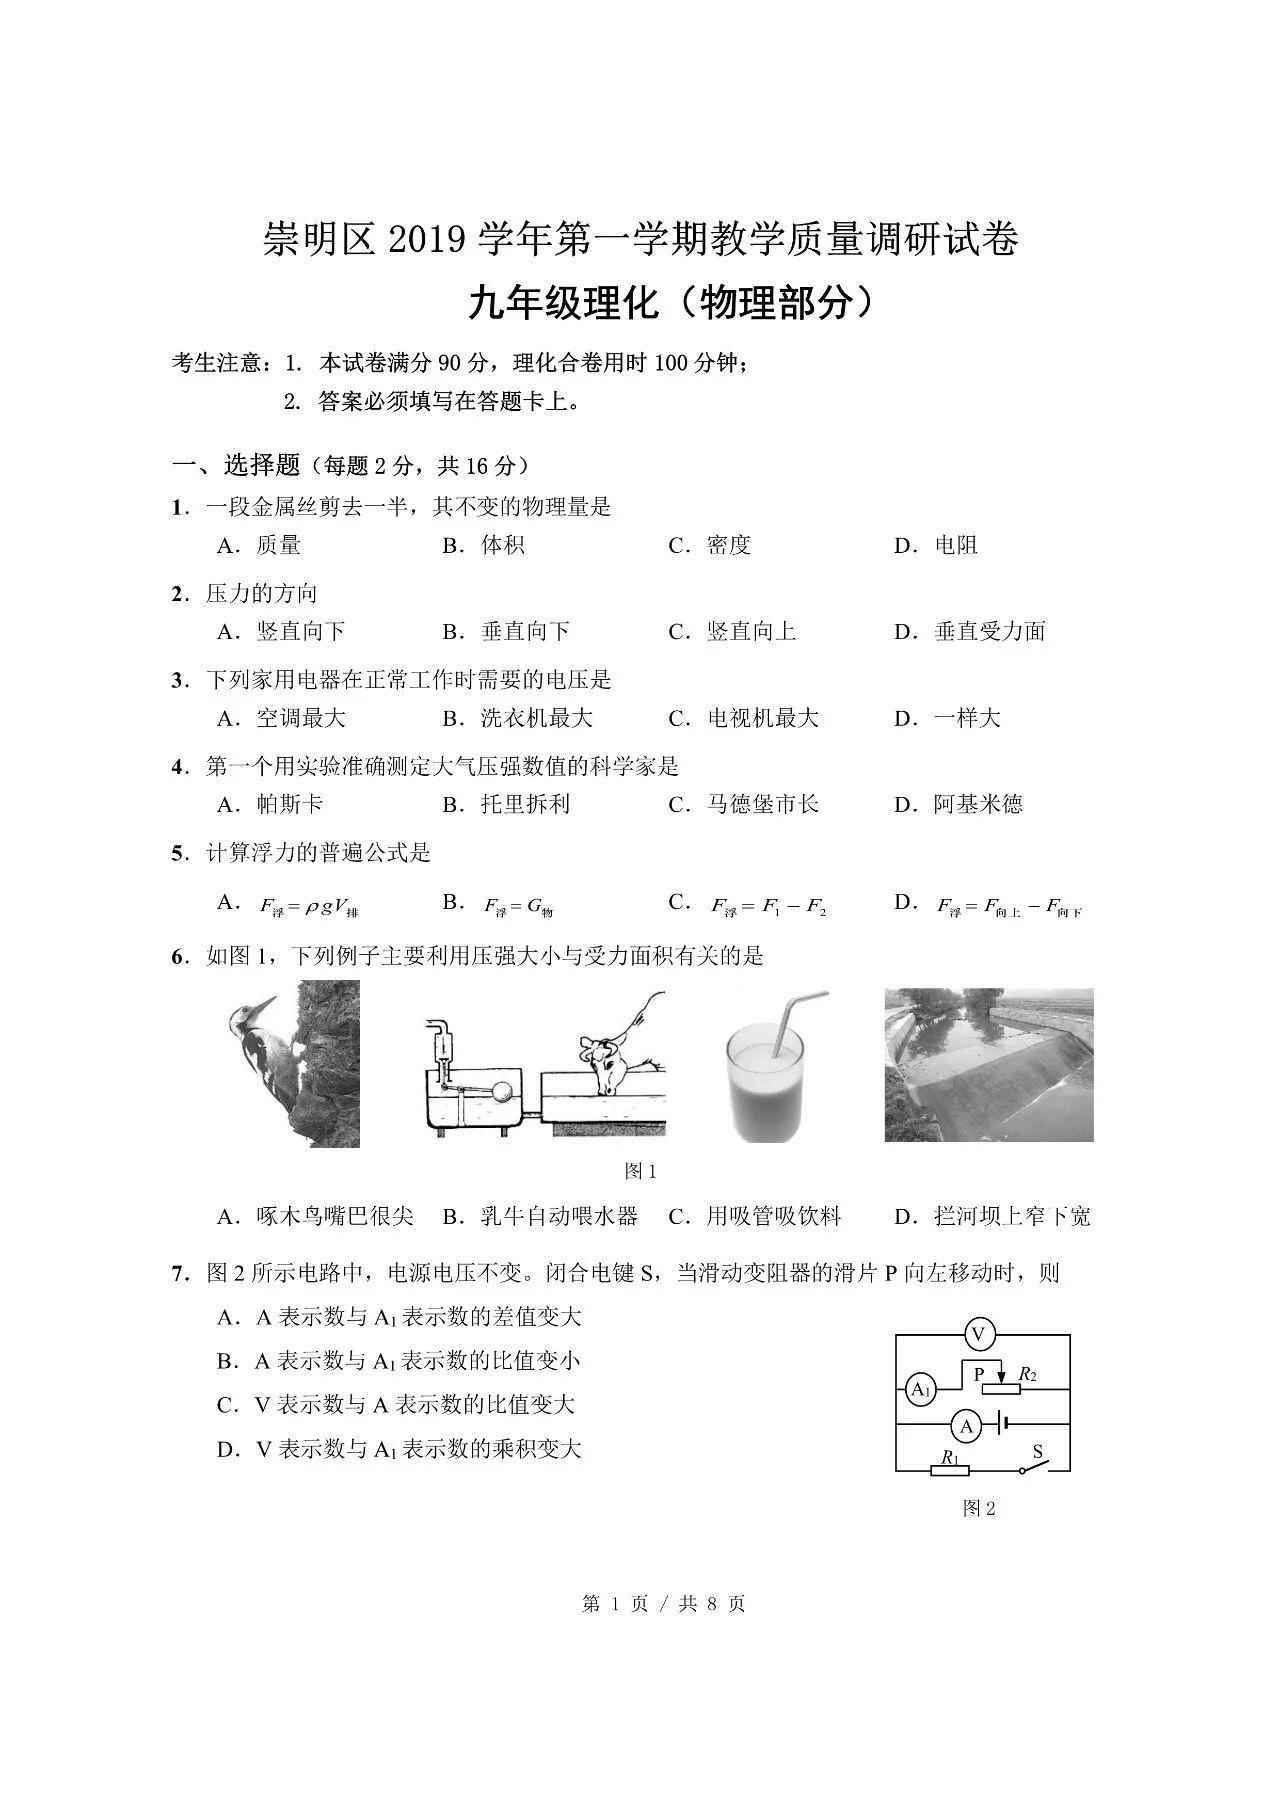 2020上海崇明中考一模物理试题及答案解析